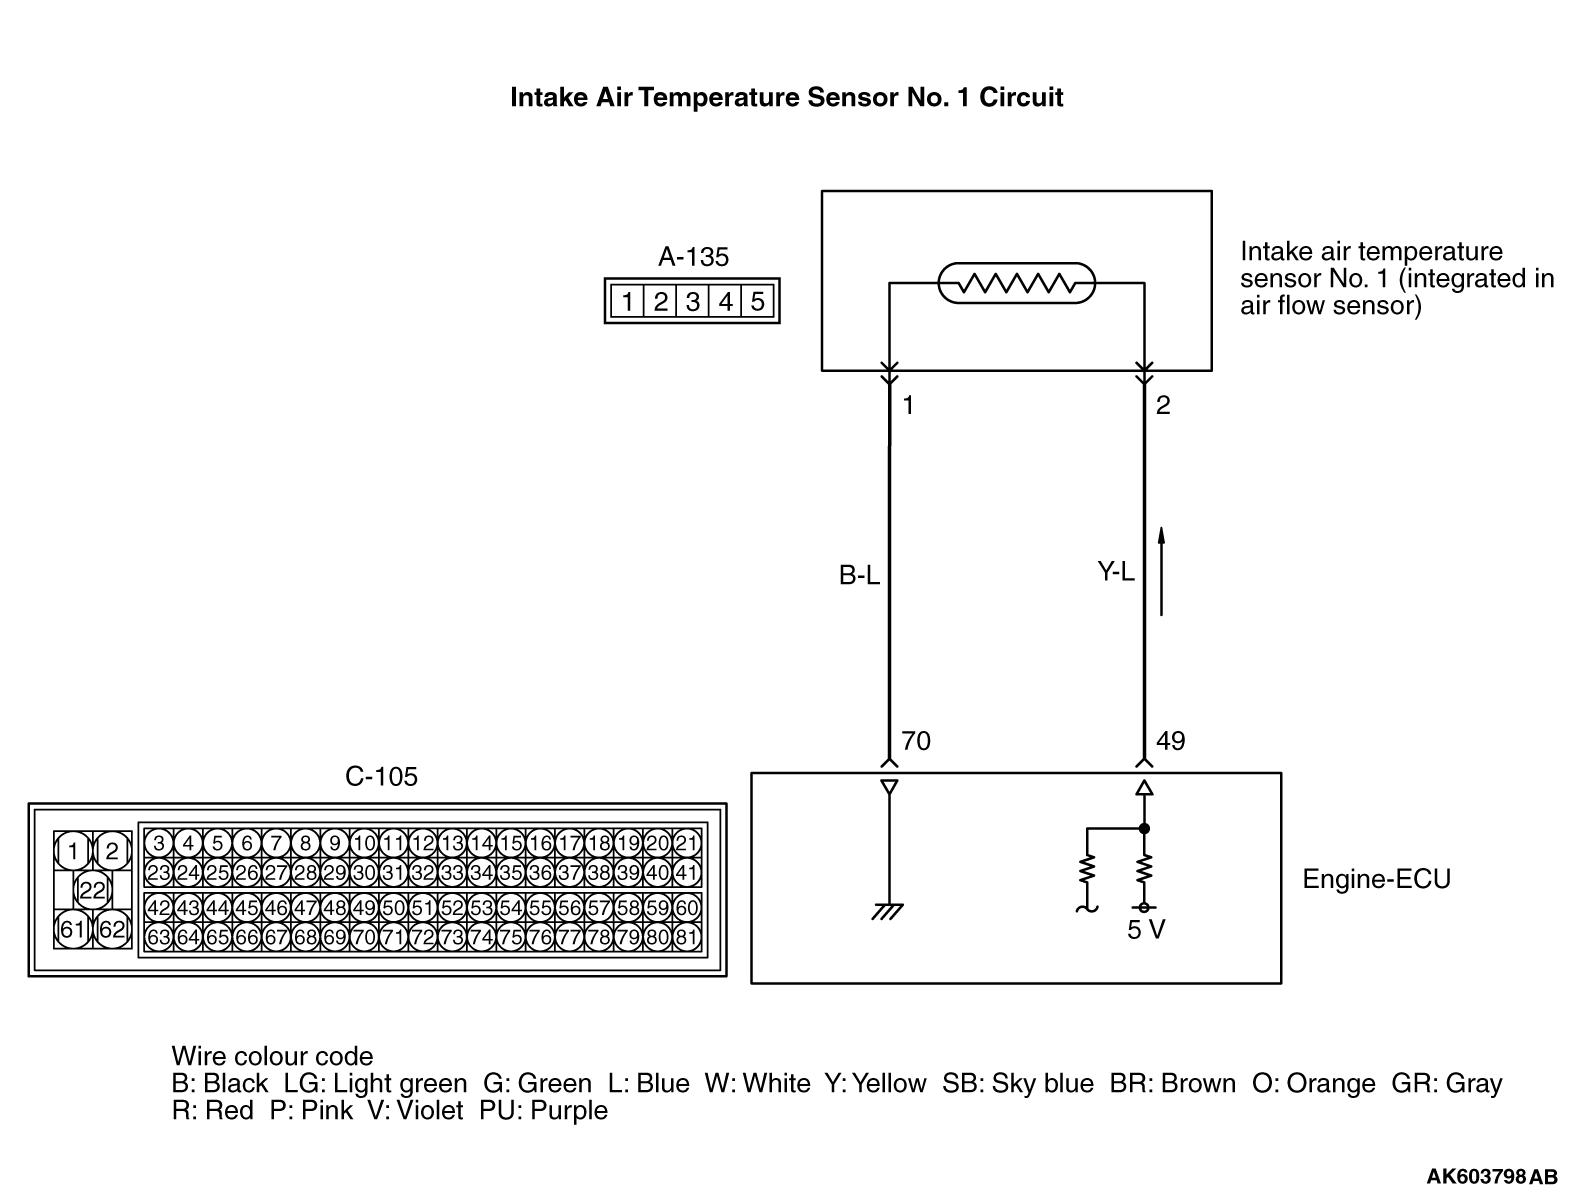 Intake Temperature Sensor Circuit Air Flow Detector Code No High Input 1575x1194